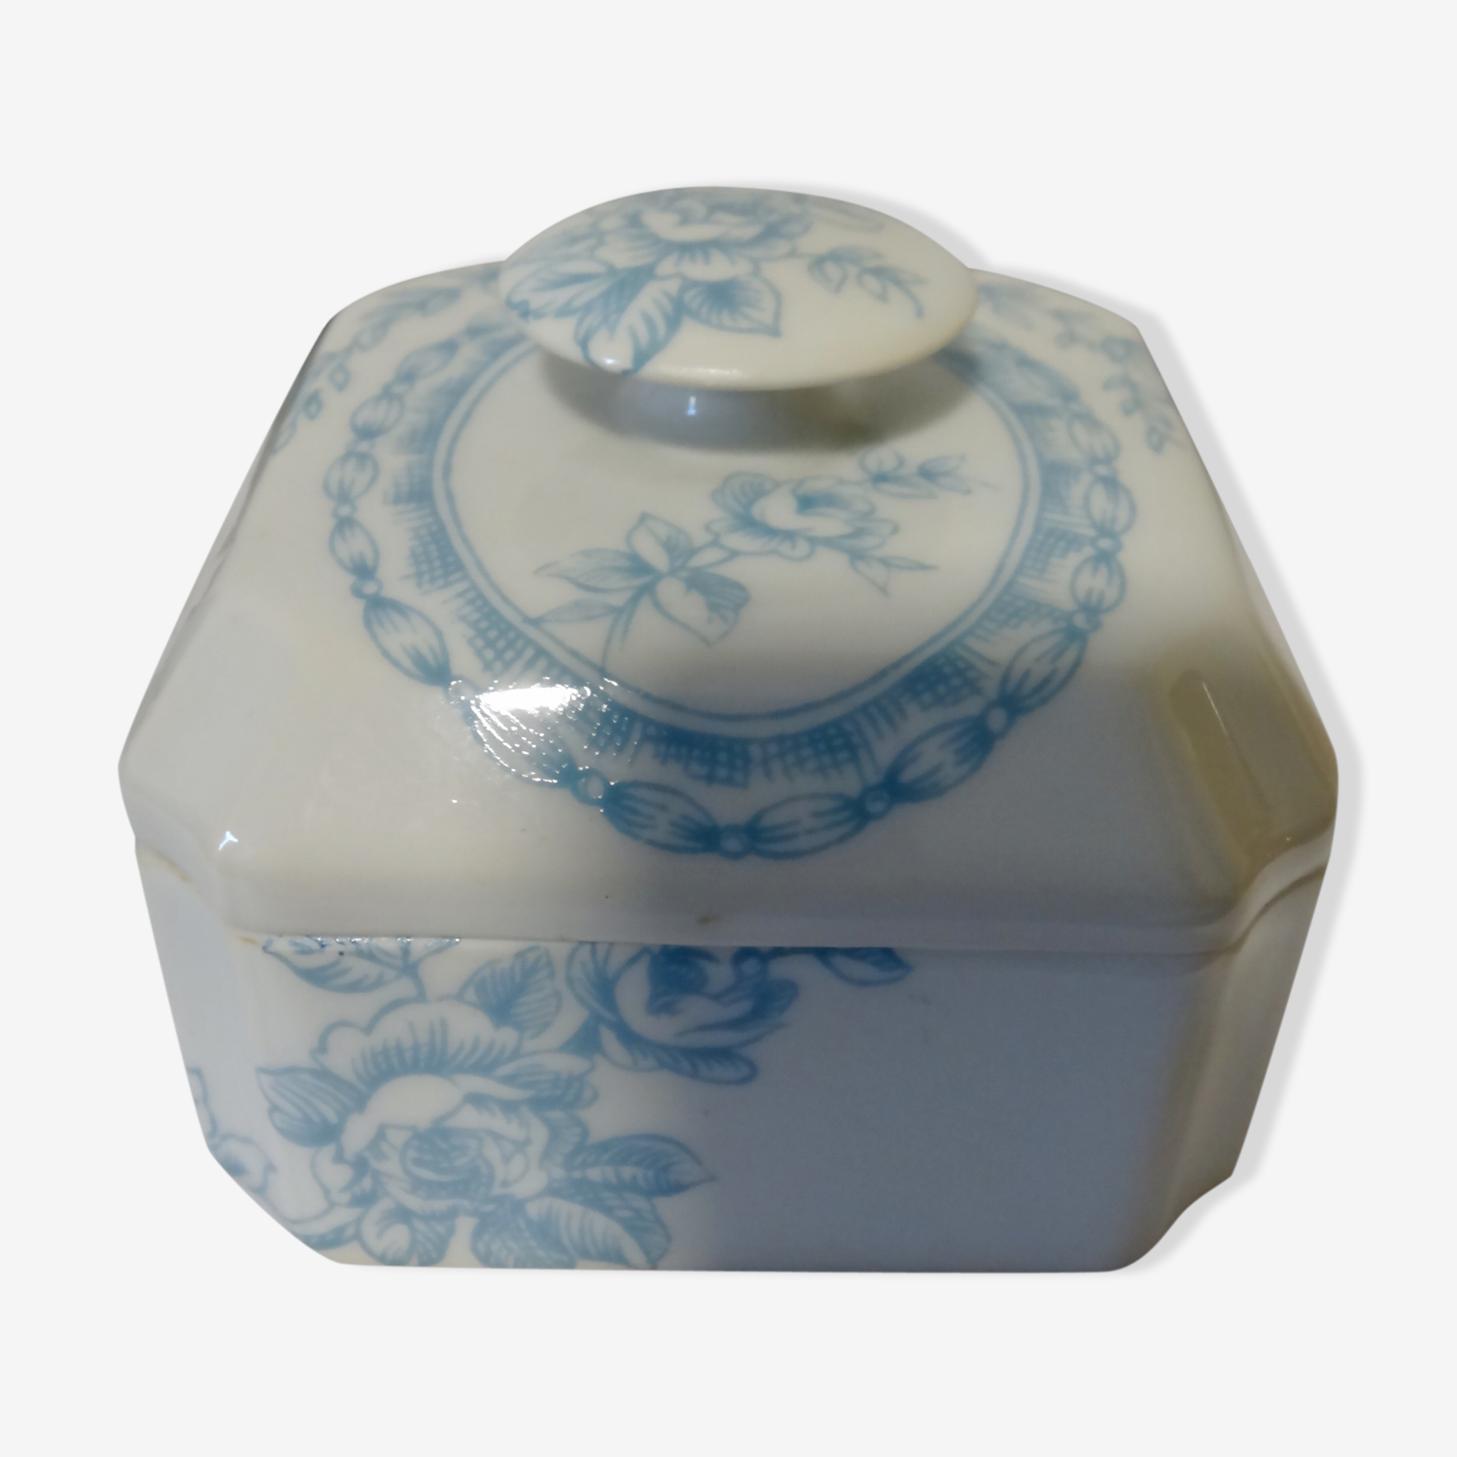 Bonbonniere en porcelaine de Paris